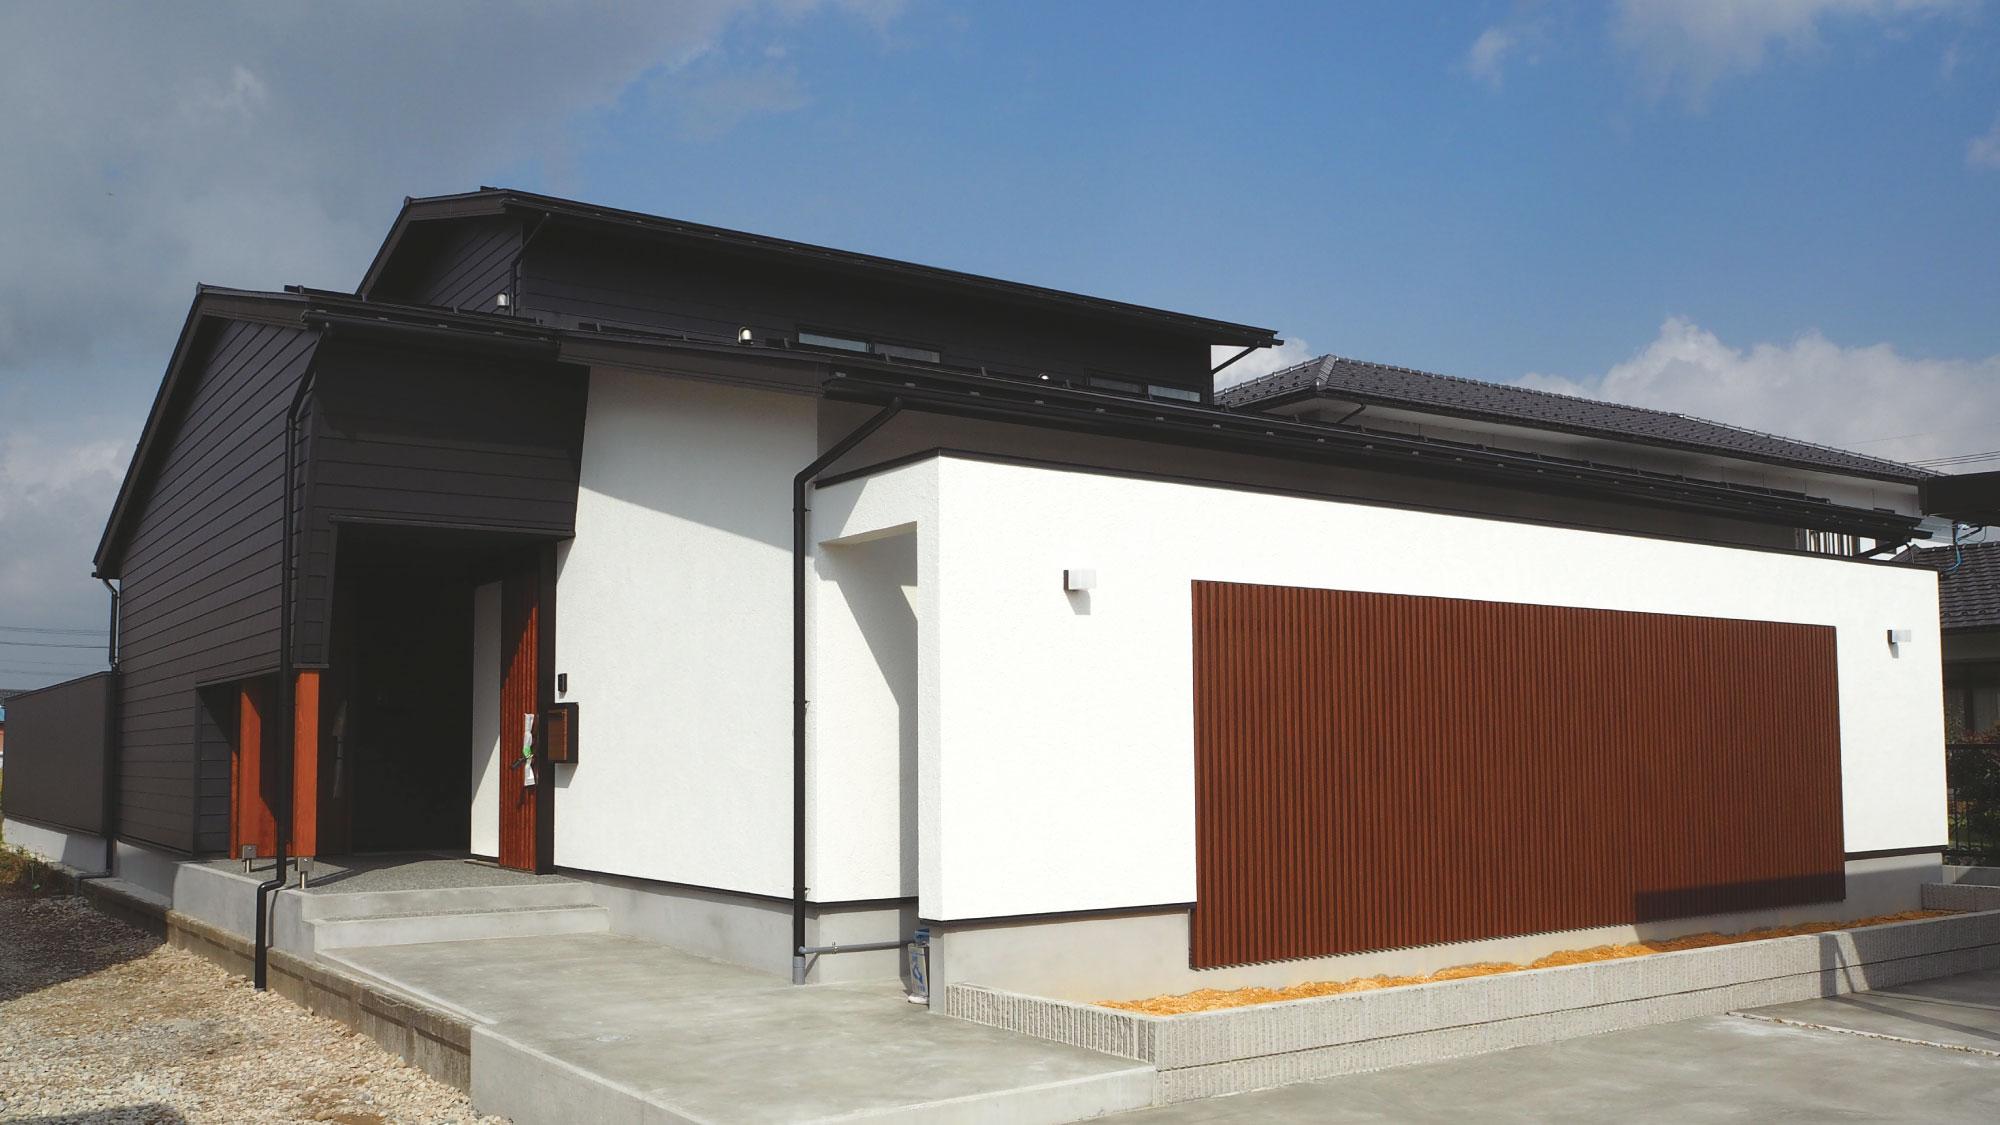 福井の株式会社HIRO企画は地域密着の工務店です